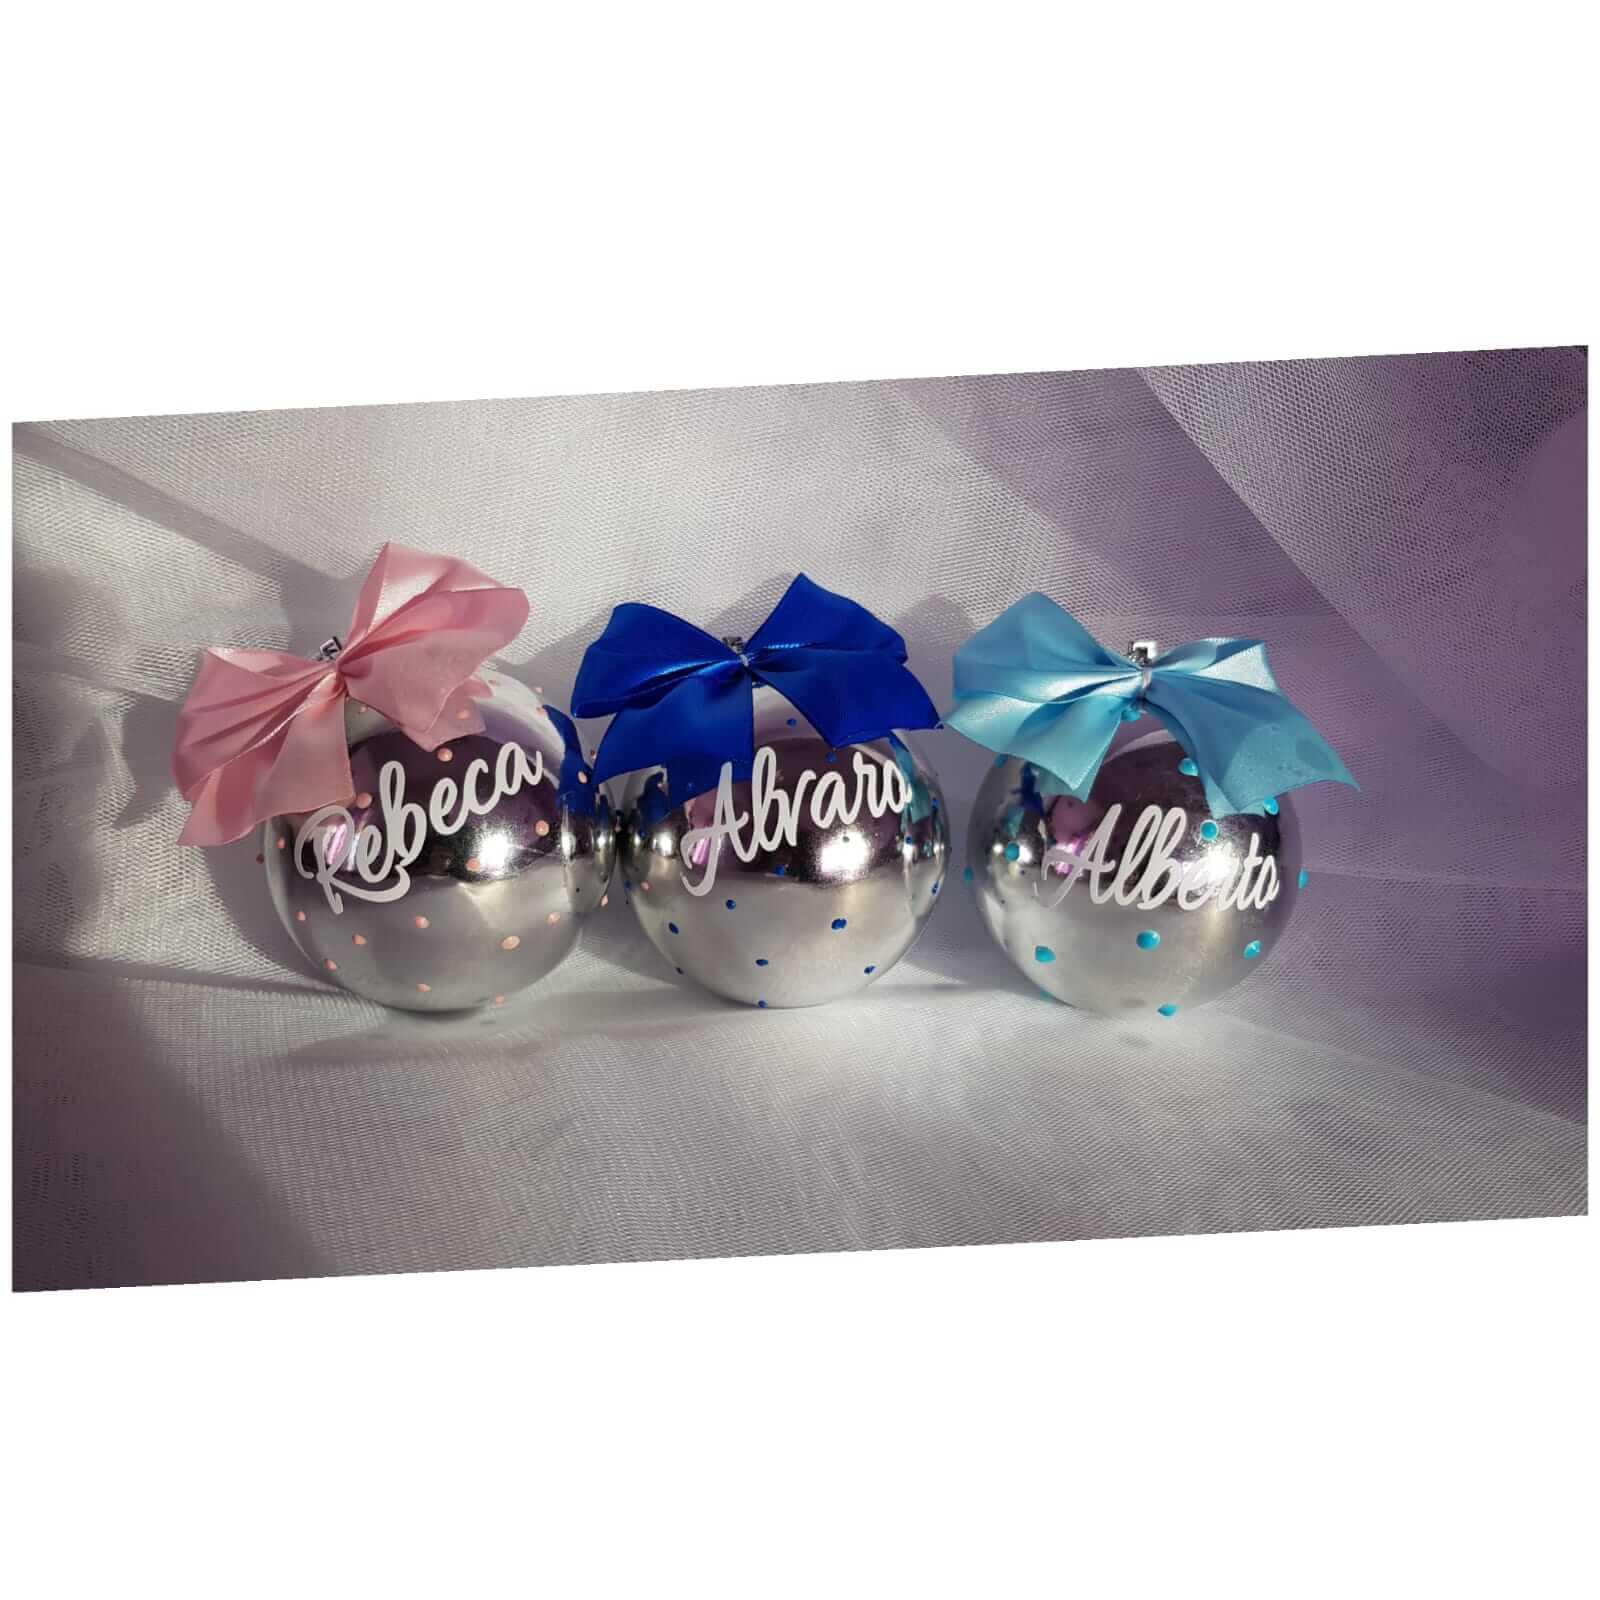 bolas de navidad personalizadas bolas navideñas bola de navidad bolas de navidad - bolas de navidad personalizadas bolas navide  as 9 - Bolas de navidad personalizadas |  Bola de navidad